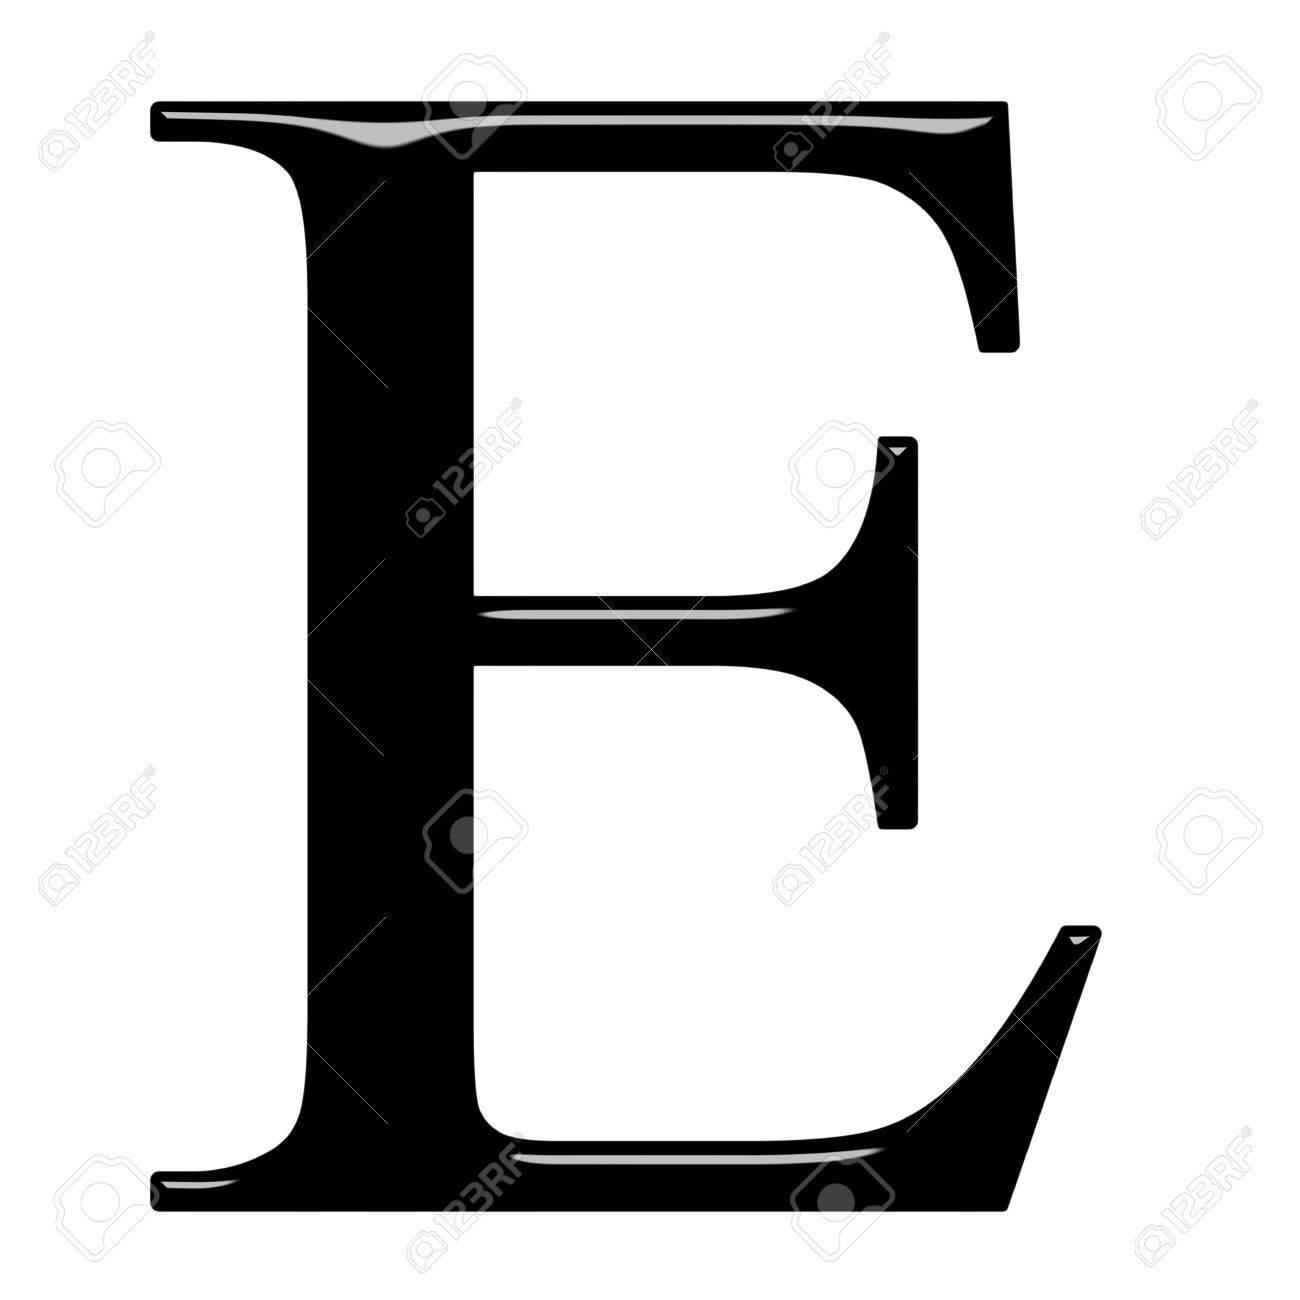 3d Greek letter Epsilon isolated in white Stock Photo - 7403997